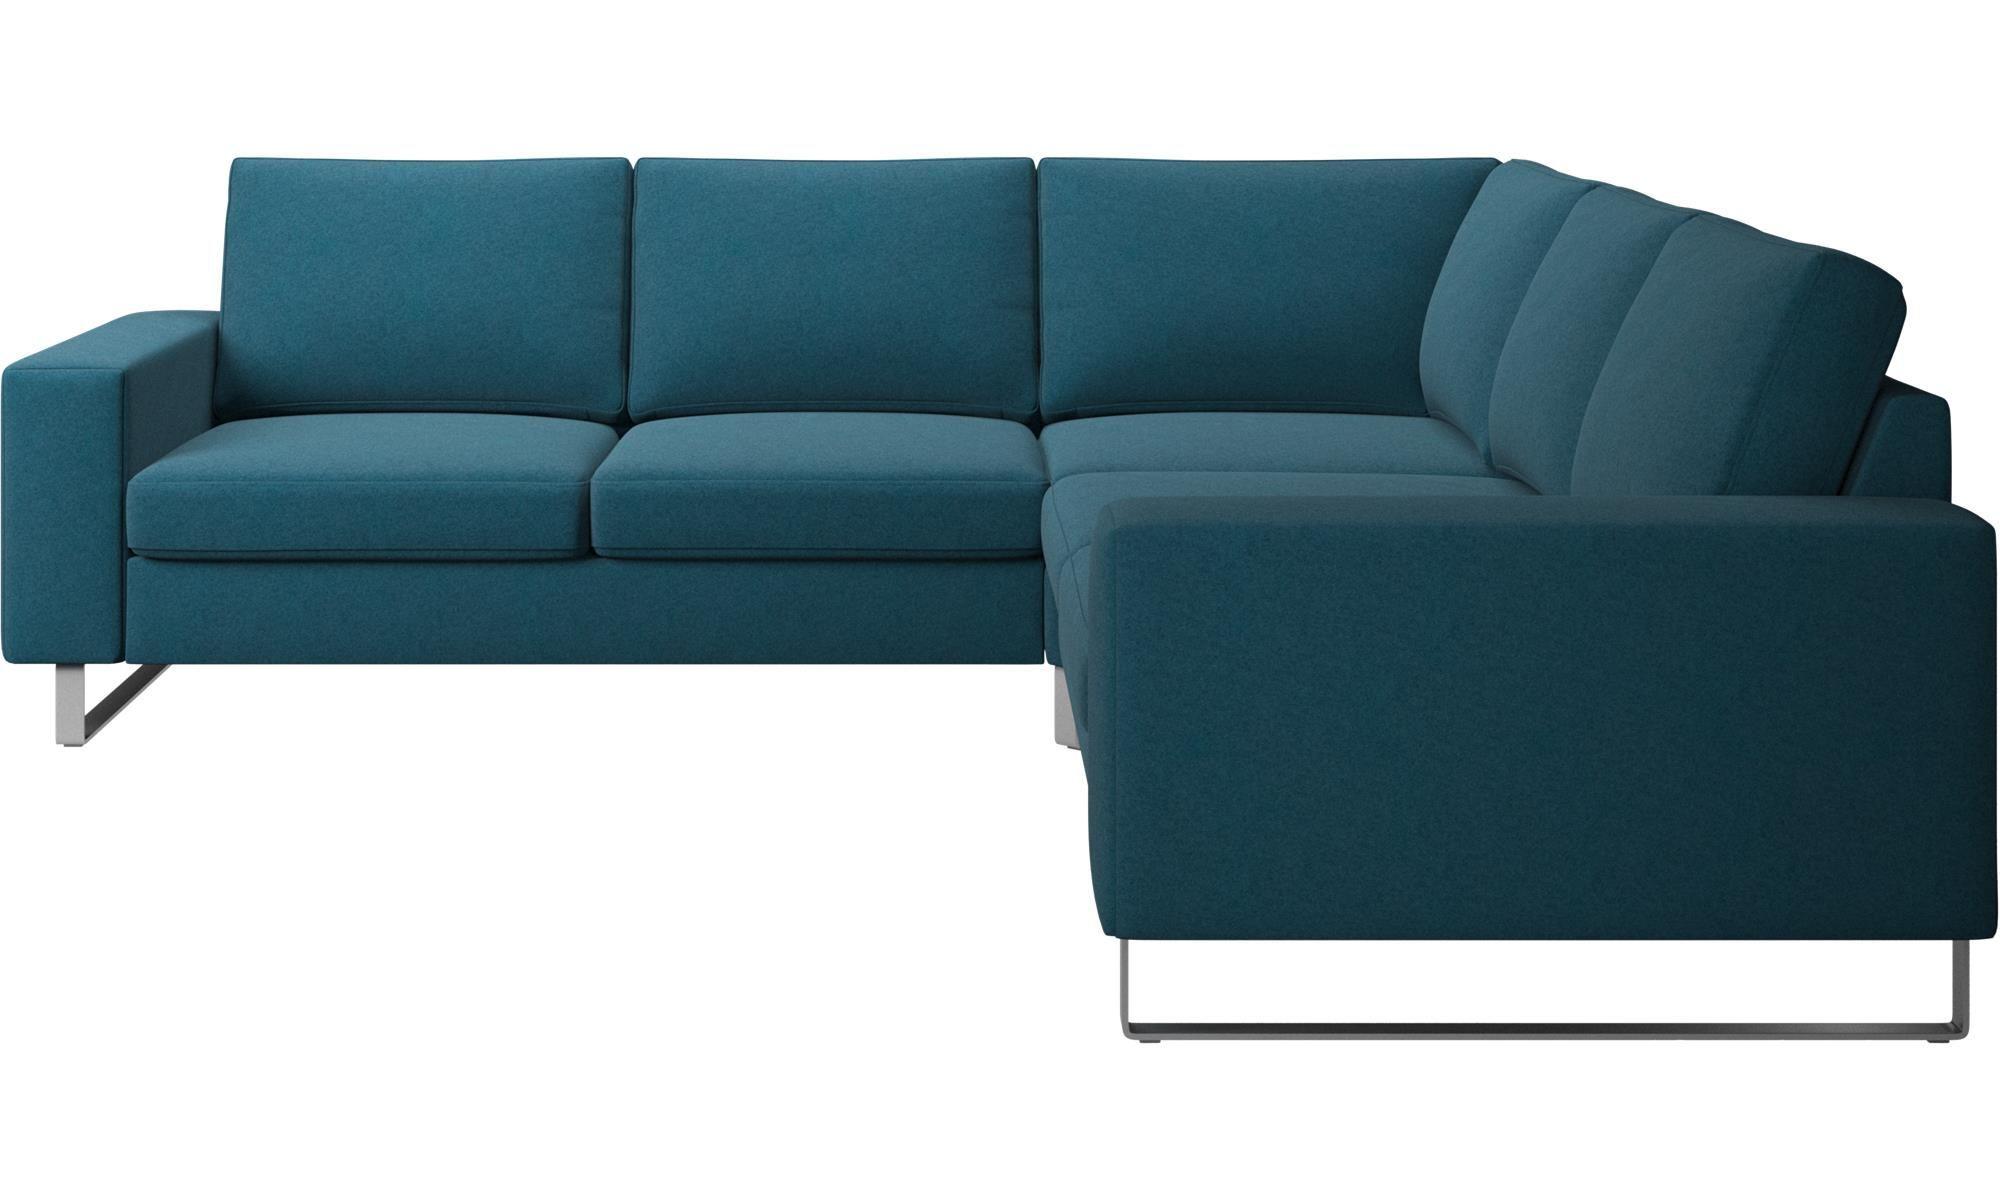 Indivi corner sofa | Corner sofa, Sofa, Blue fabric